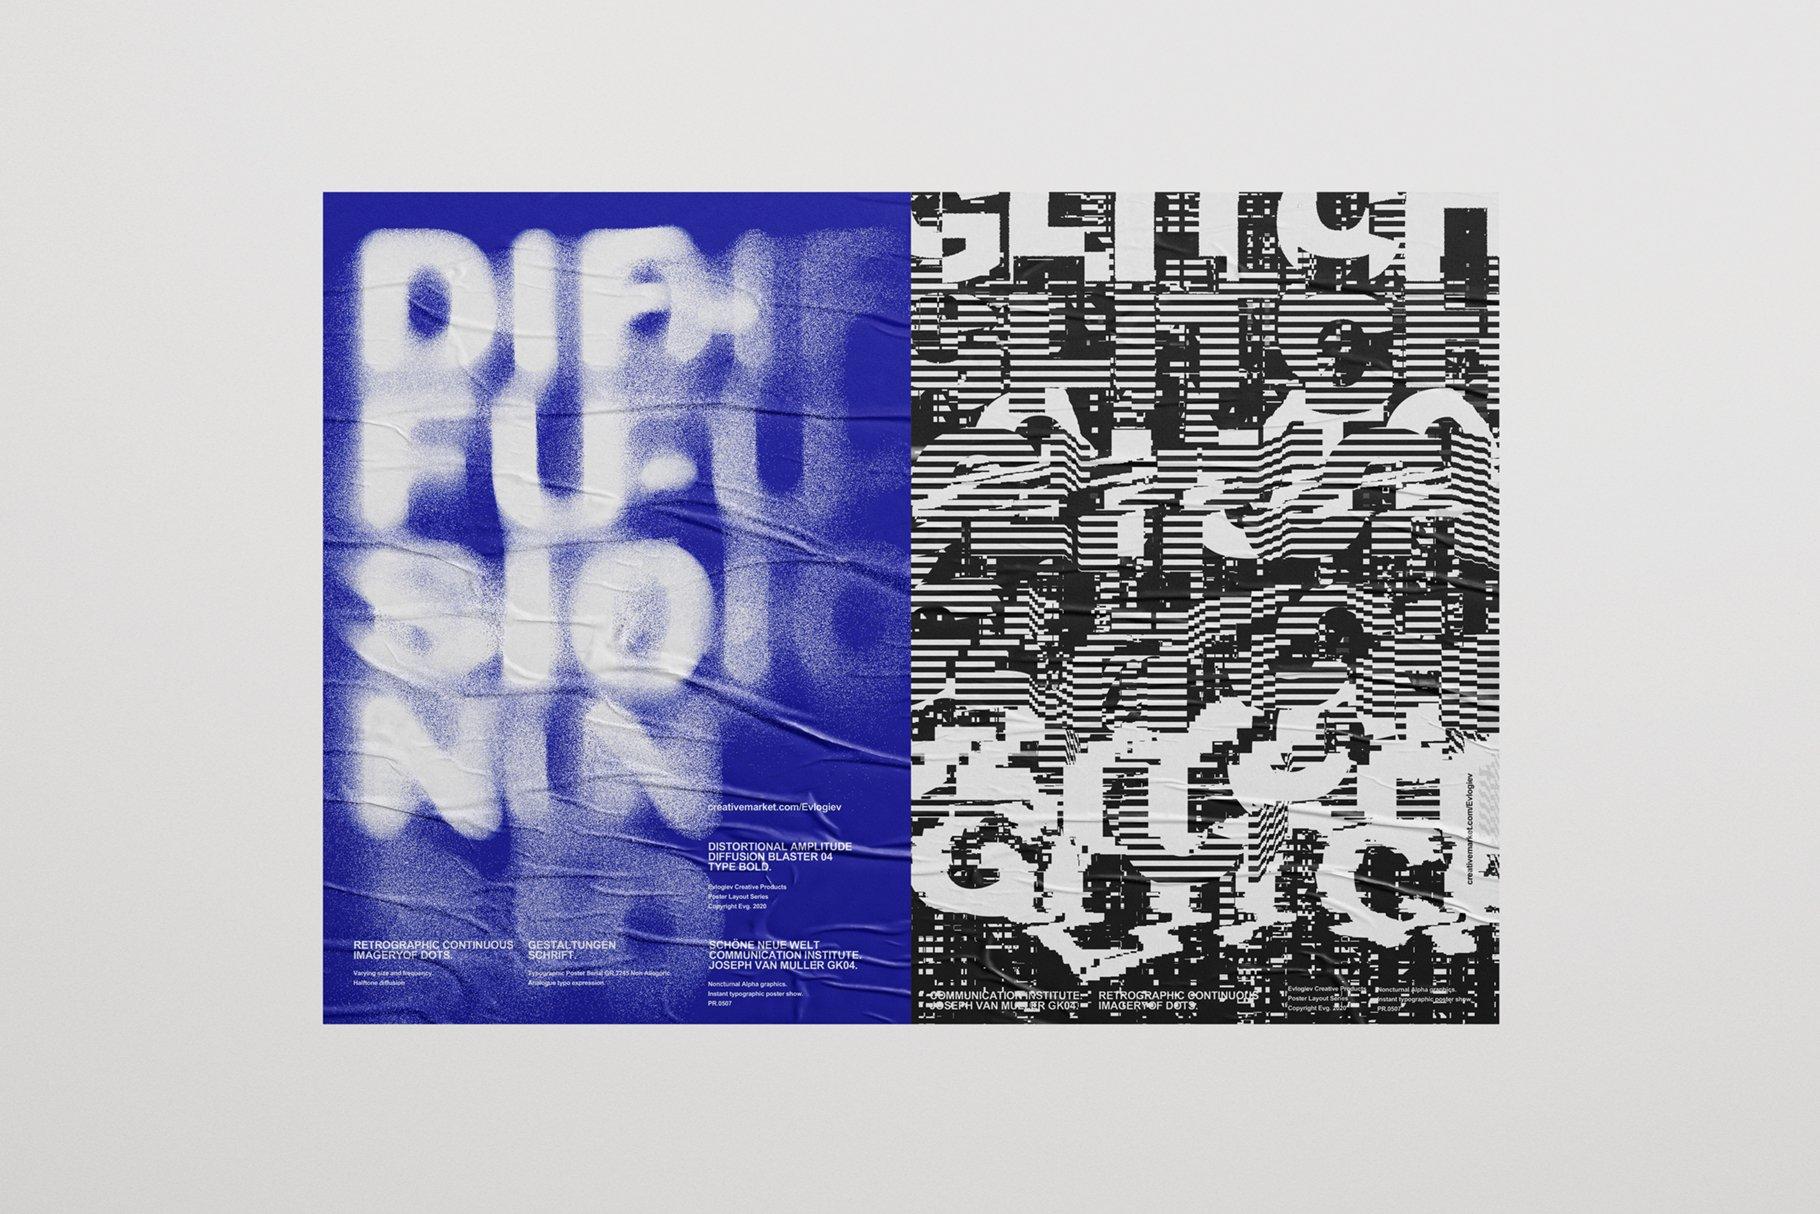 20款创意抽象主视觉海报标题特效字体设计智能贴图样机模板 Typographic Poster Layouts No.01插图(11)